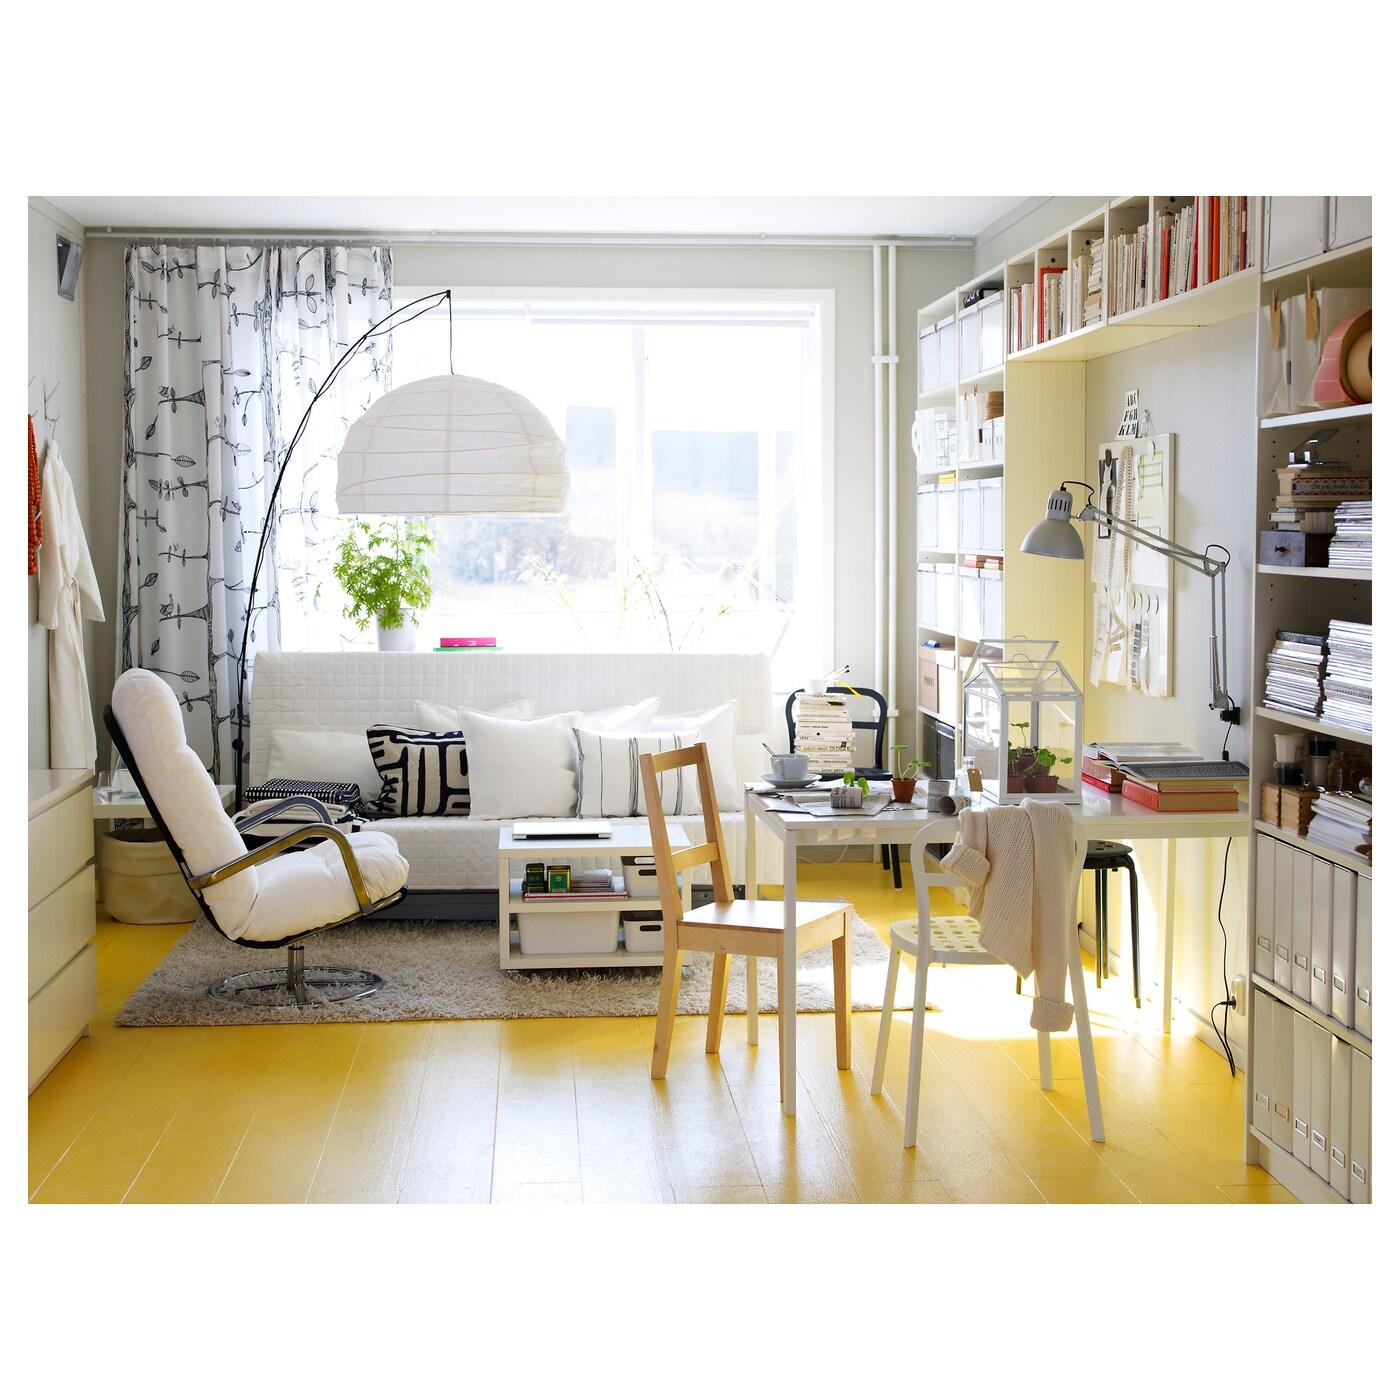 Full Size of Ikea Bogenlampe Regolit Standleuchte Esstisch Küche Kosten Miniküche Kaufen Sofa Mit Schlaffunktion Modulküche Betten Bei 160x200 Wohnzimmer Ikea Bogenlampe